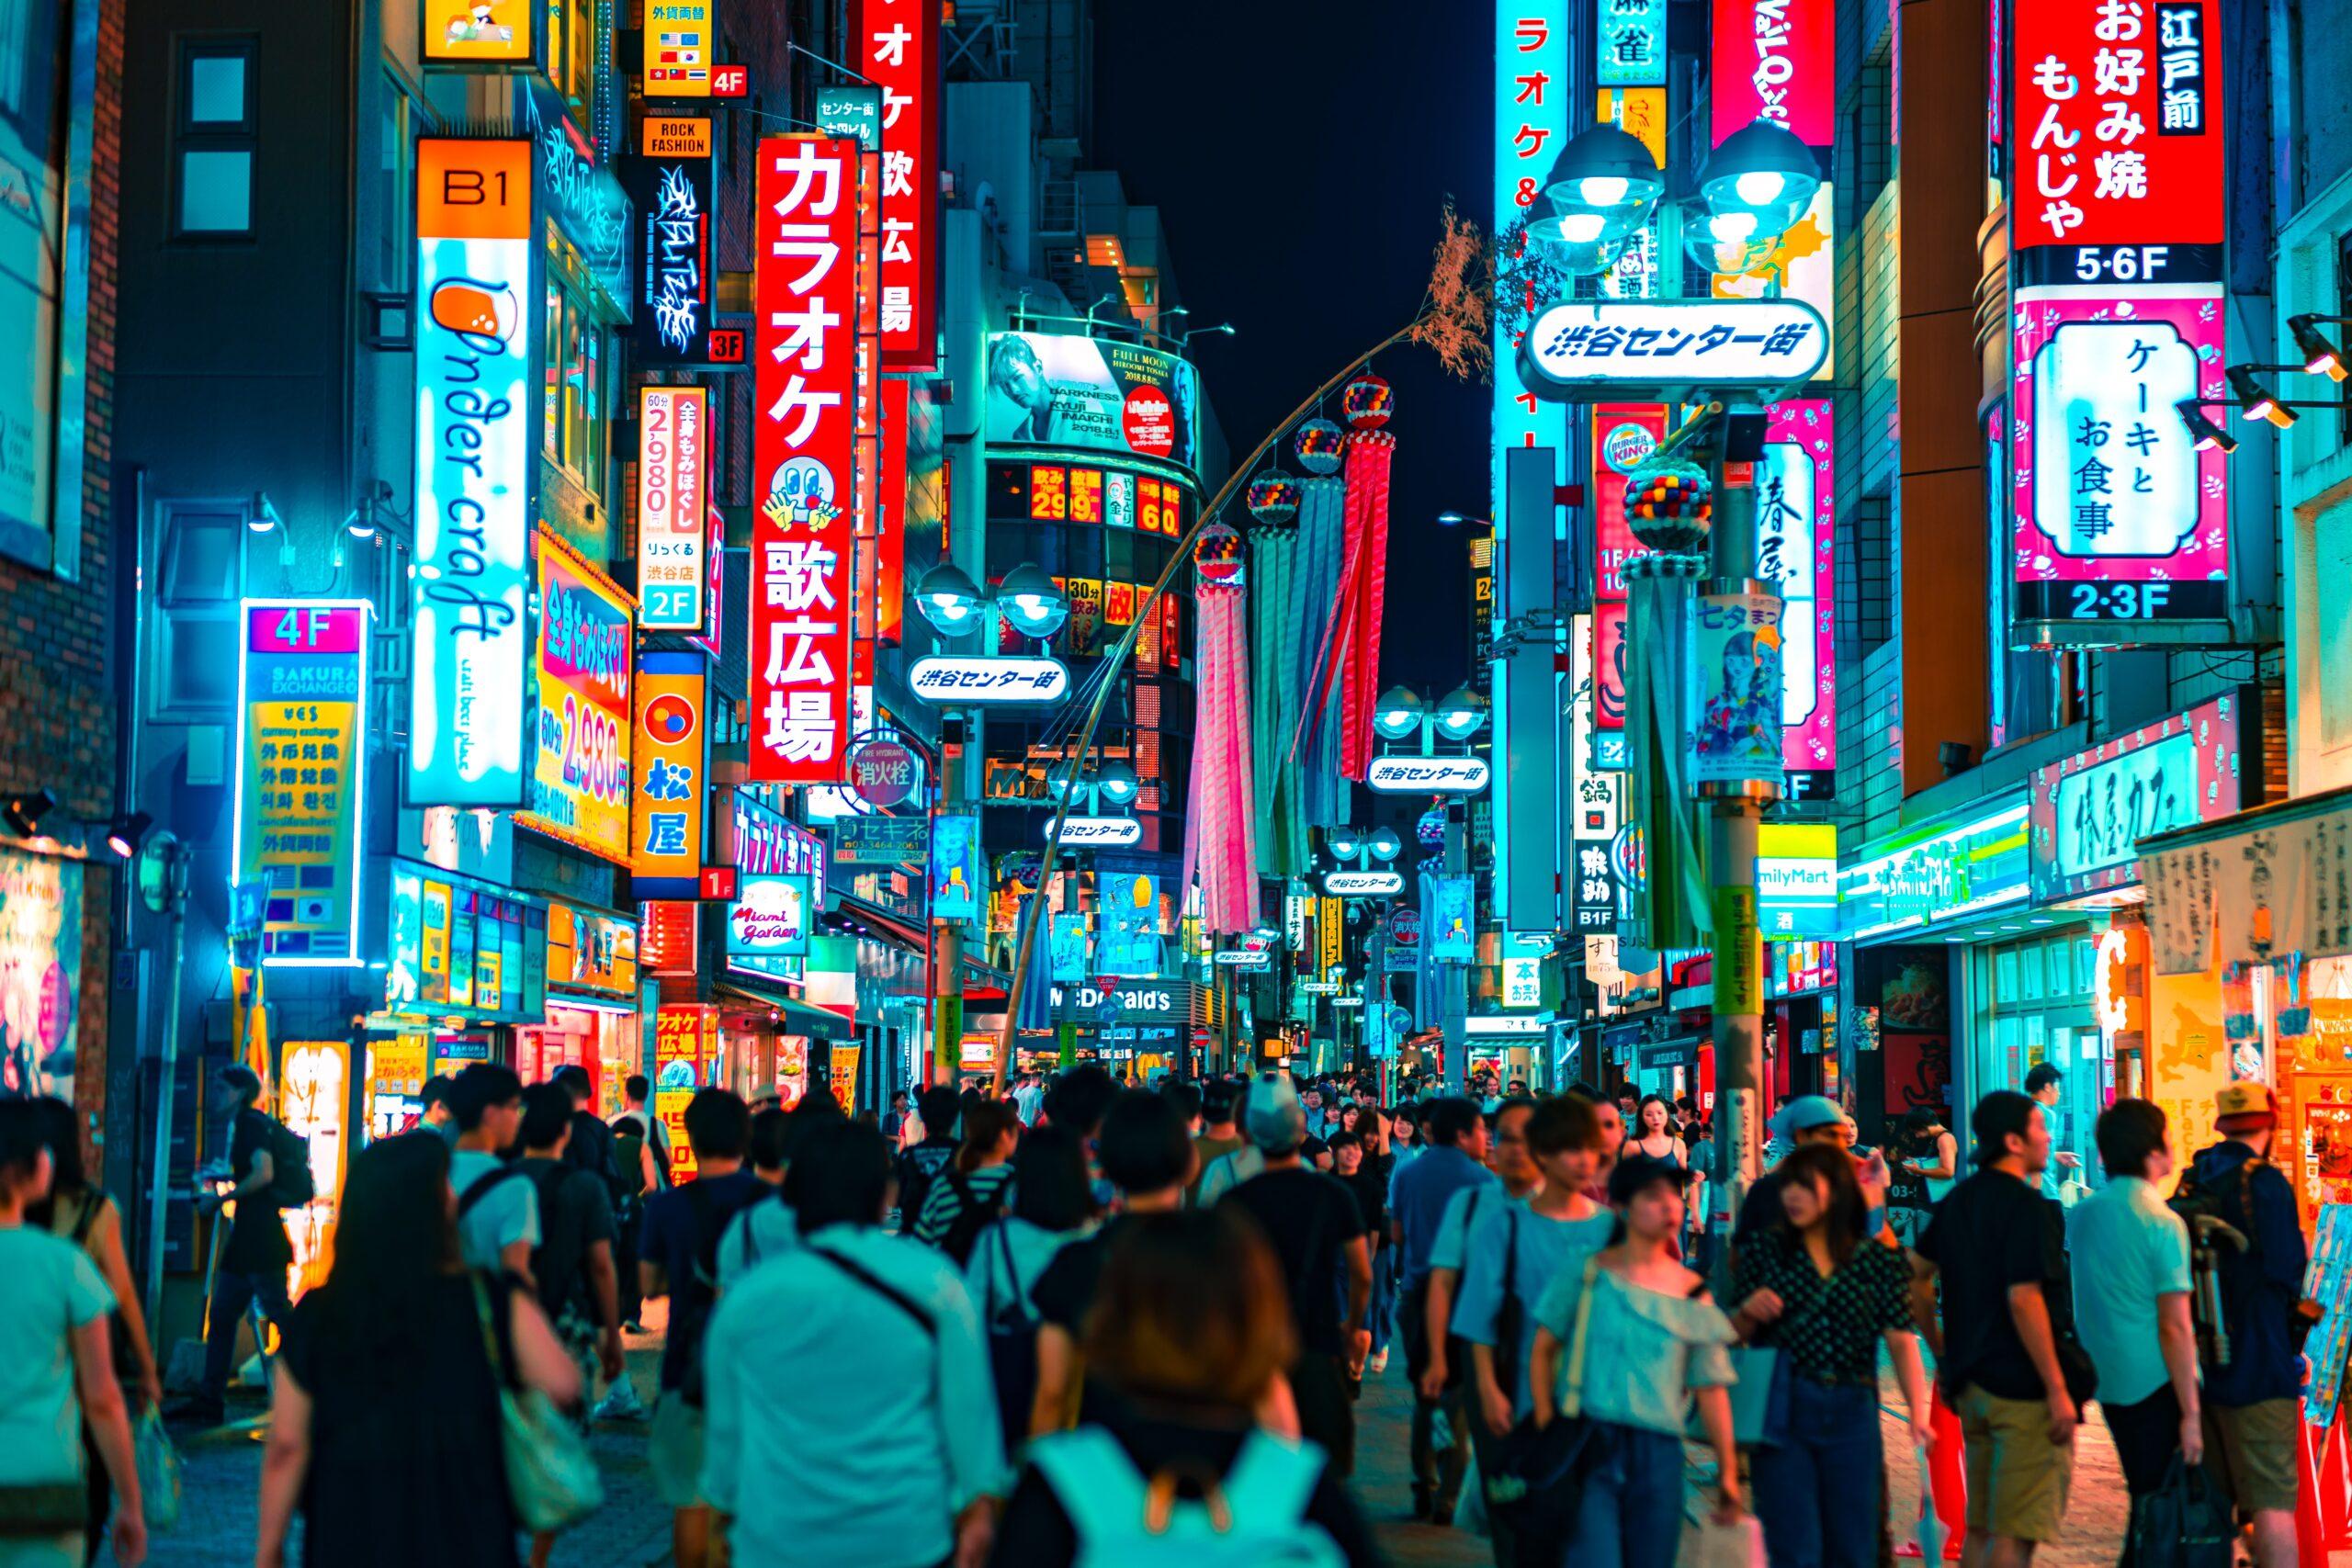 2019年~2021年の間に日本の失業率はコロナ禍でどう推移?